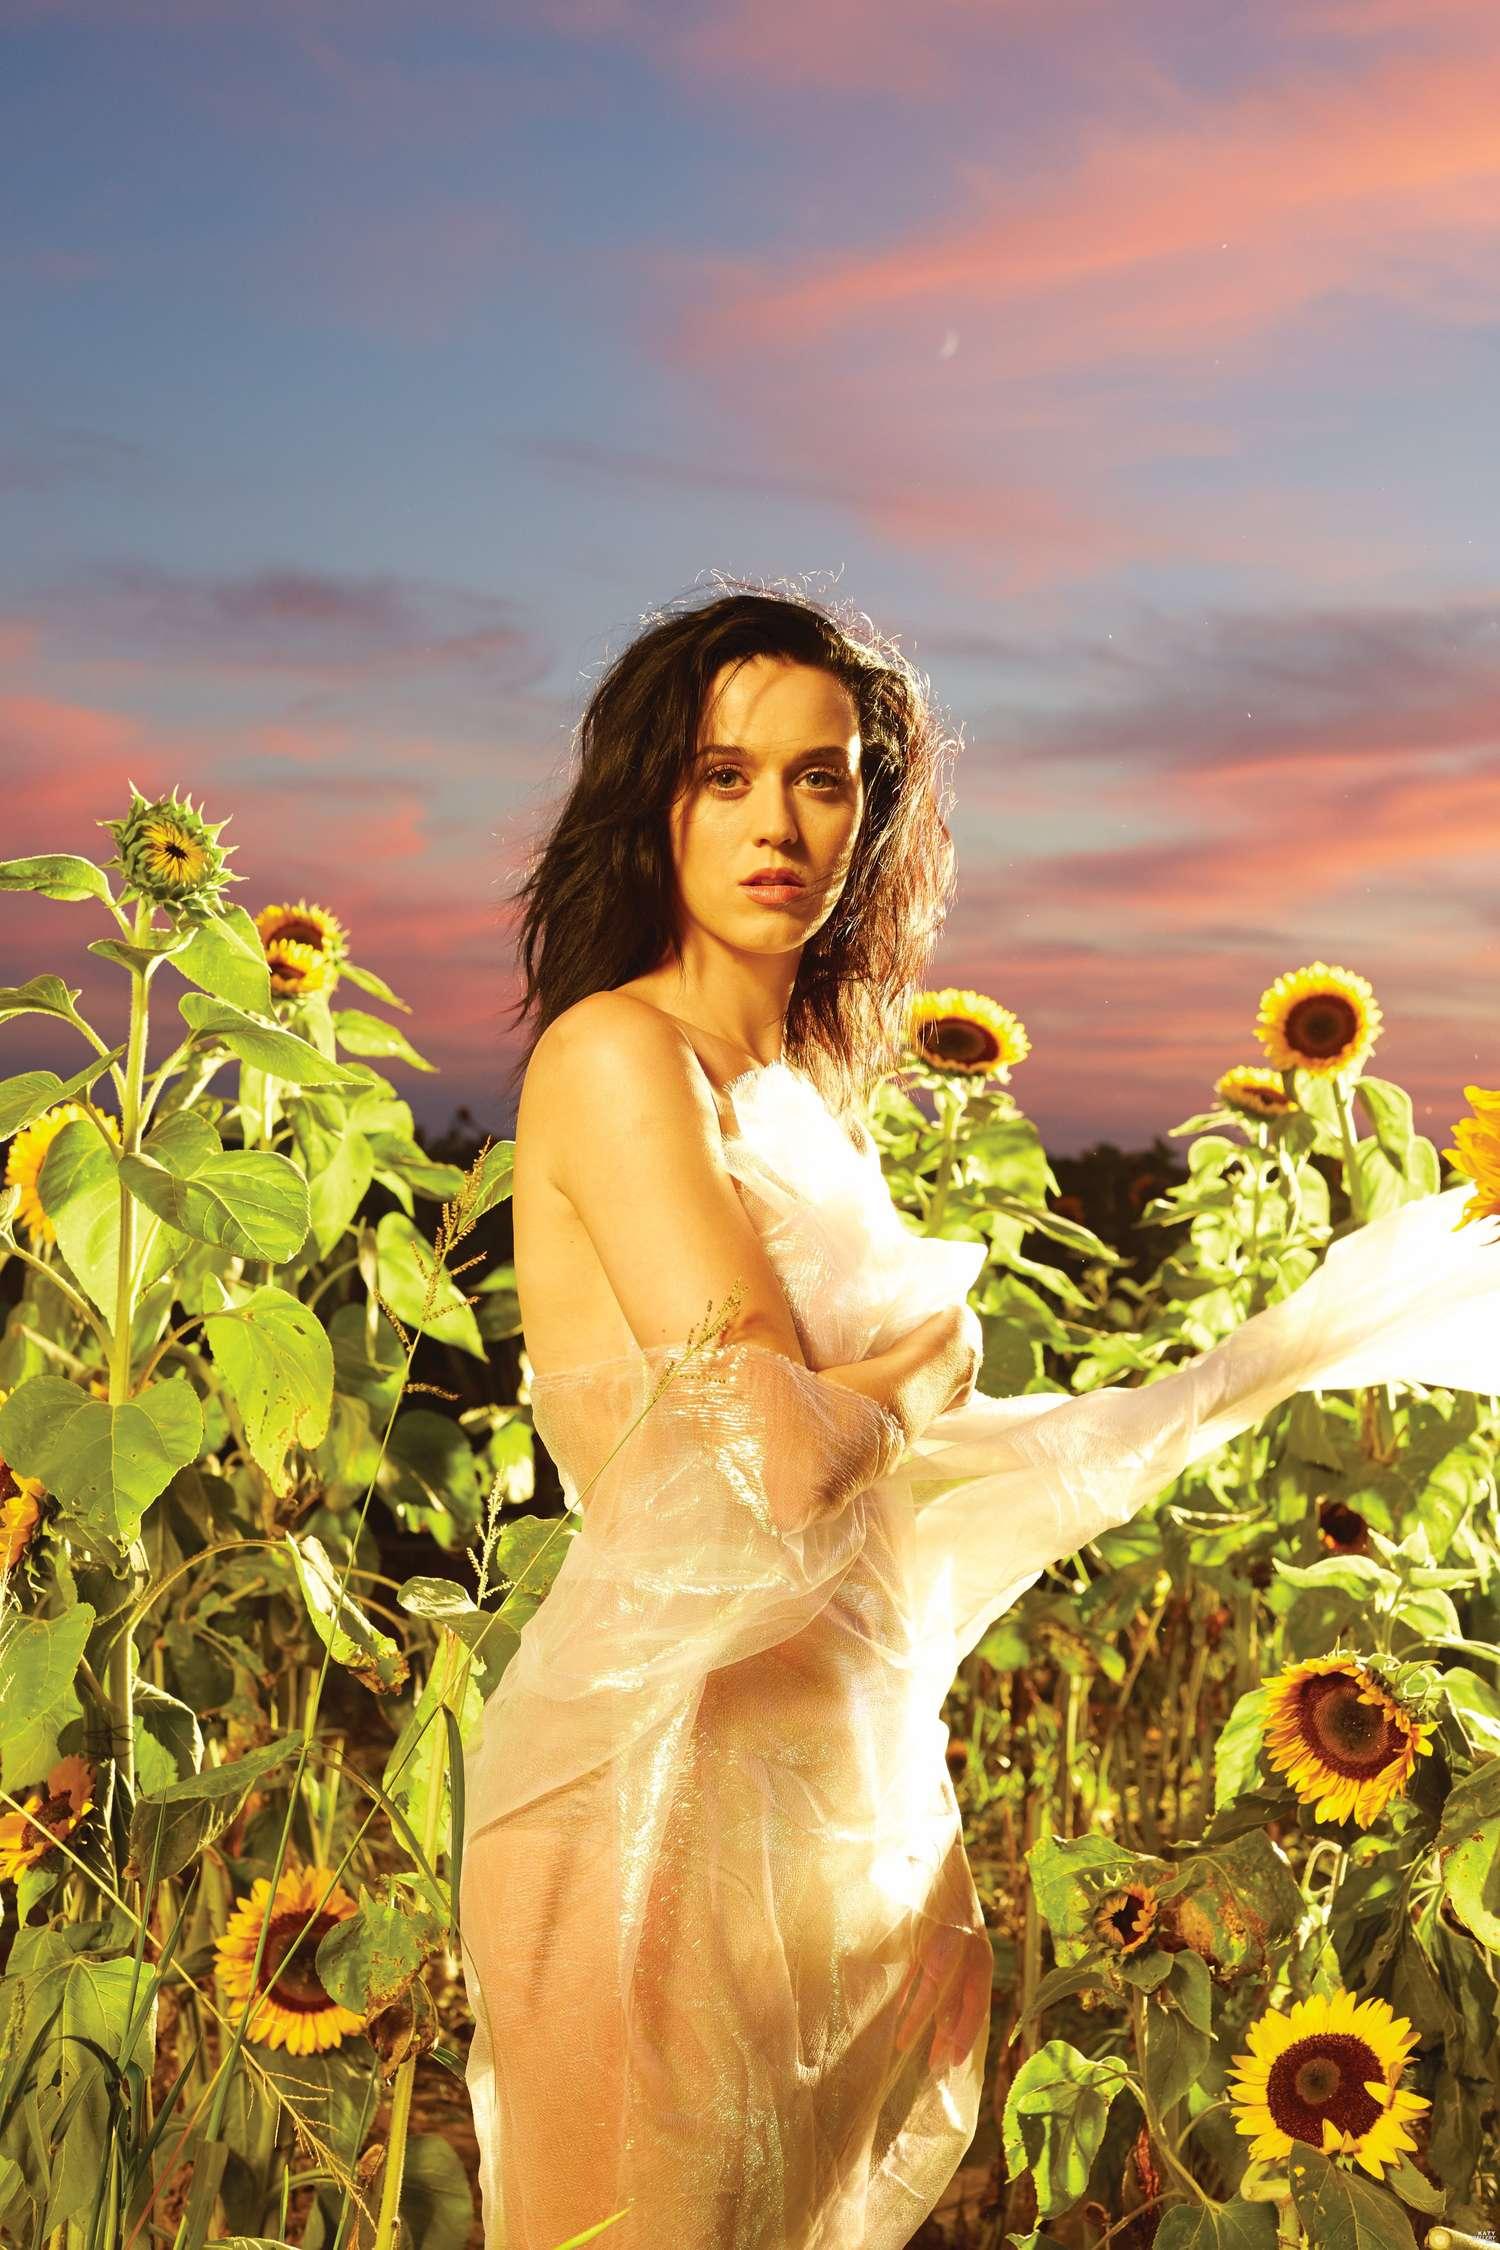 Katy Perry - Prism Album Photoshoot - GotCeleb